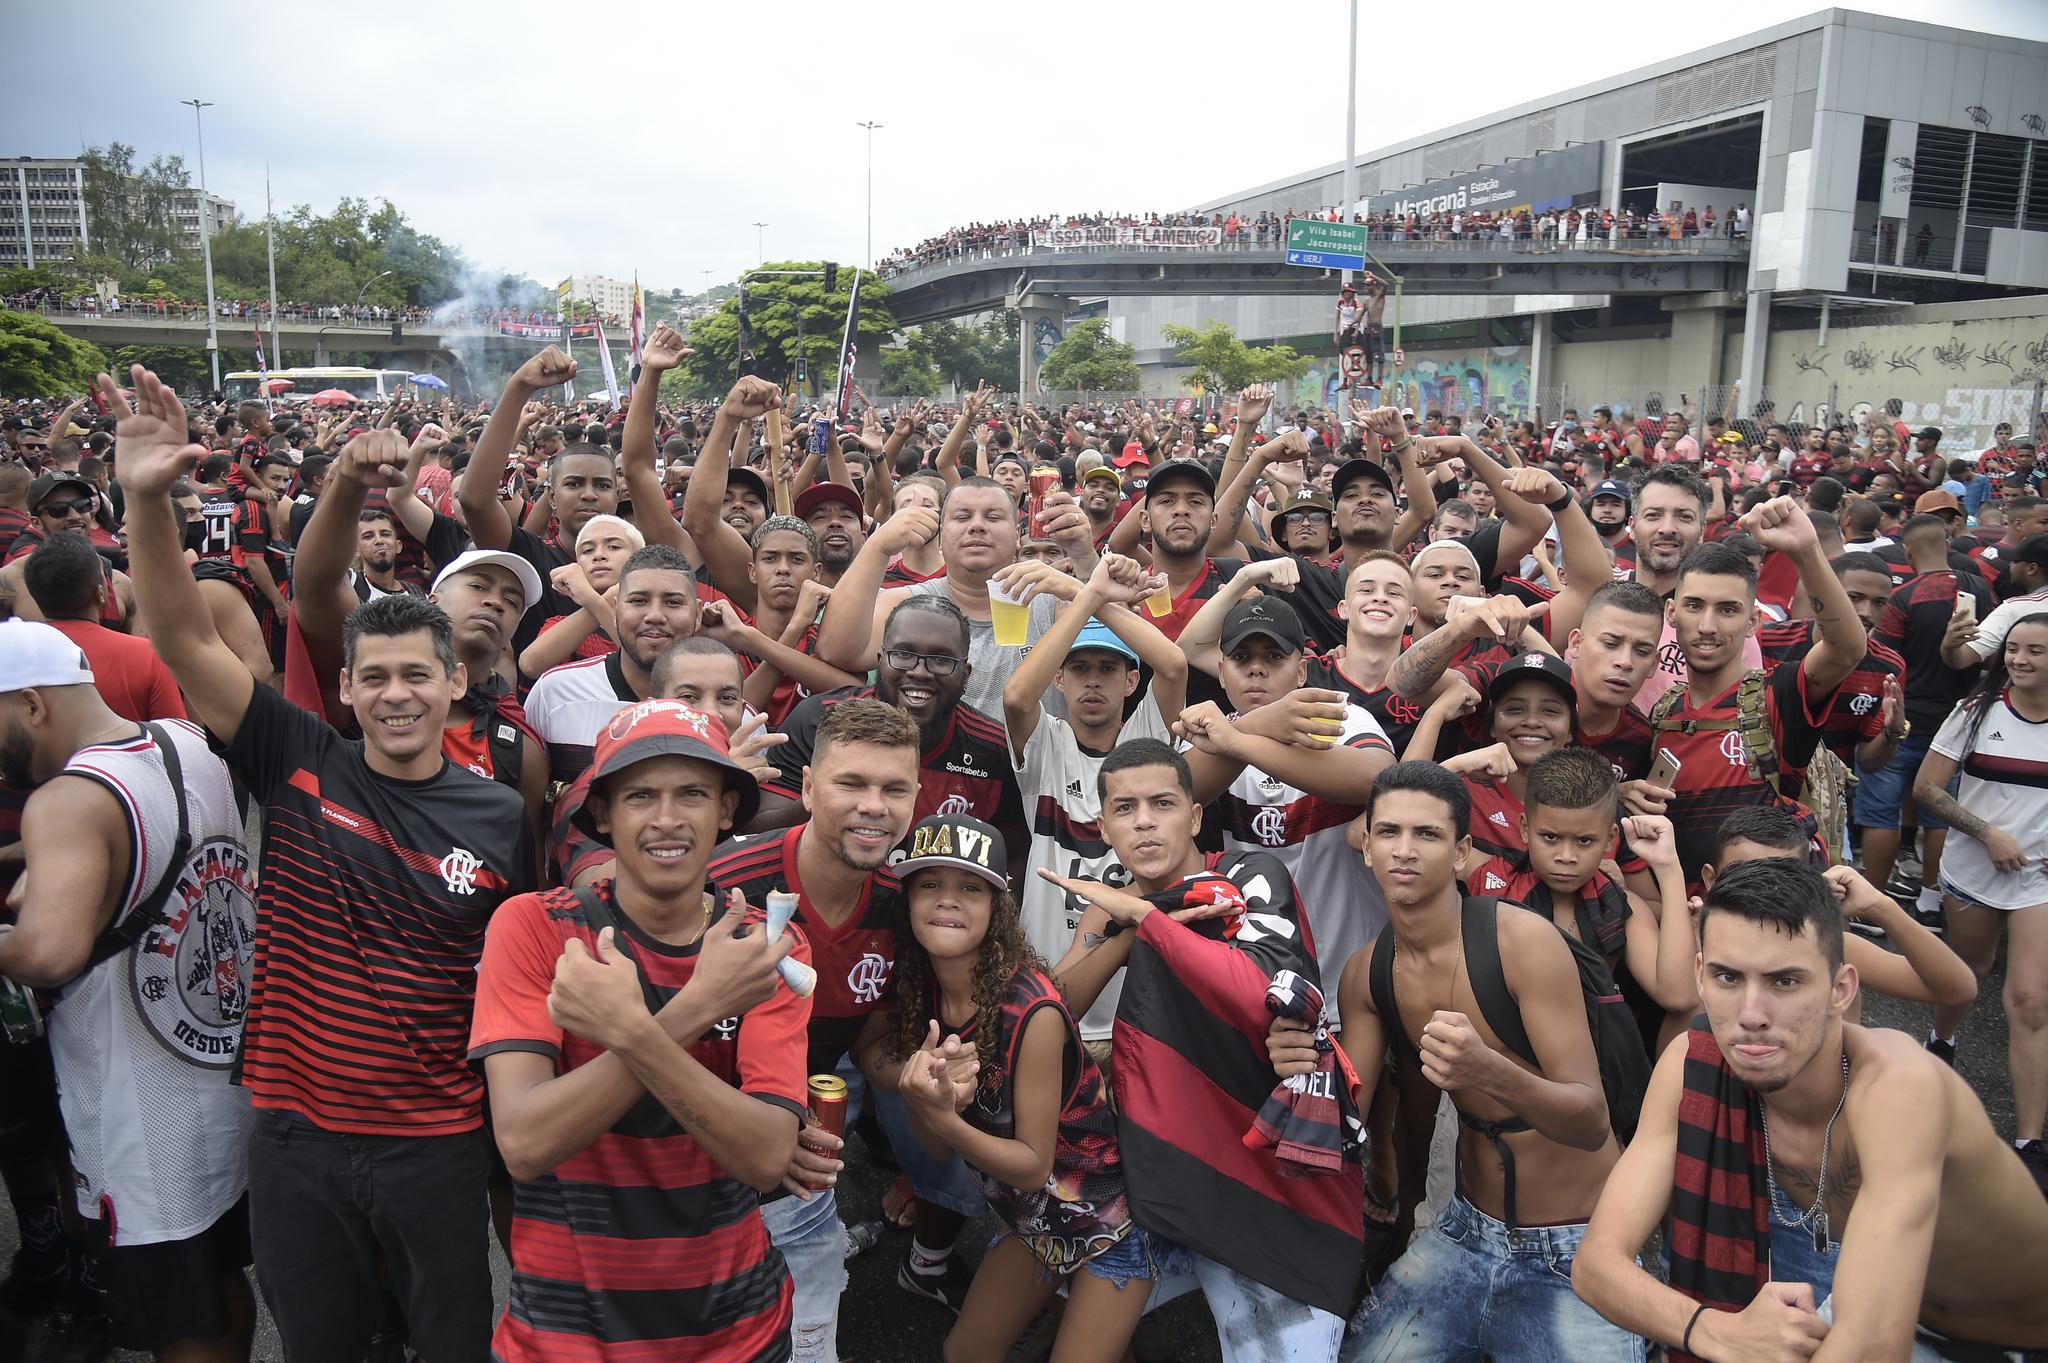 경기장 밖에 운집한 플라멩구 팬들. 이날 현재 브라질은 코로나 19 확진자가 1천만명을 넘어섰지만 축구팬들은 아랑곳하지 않는 모습이다. 로이터=연합뉴스